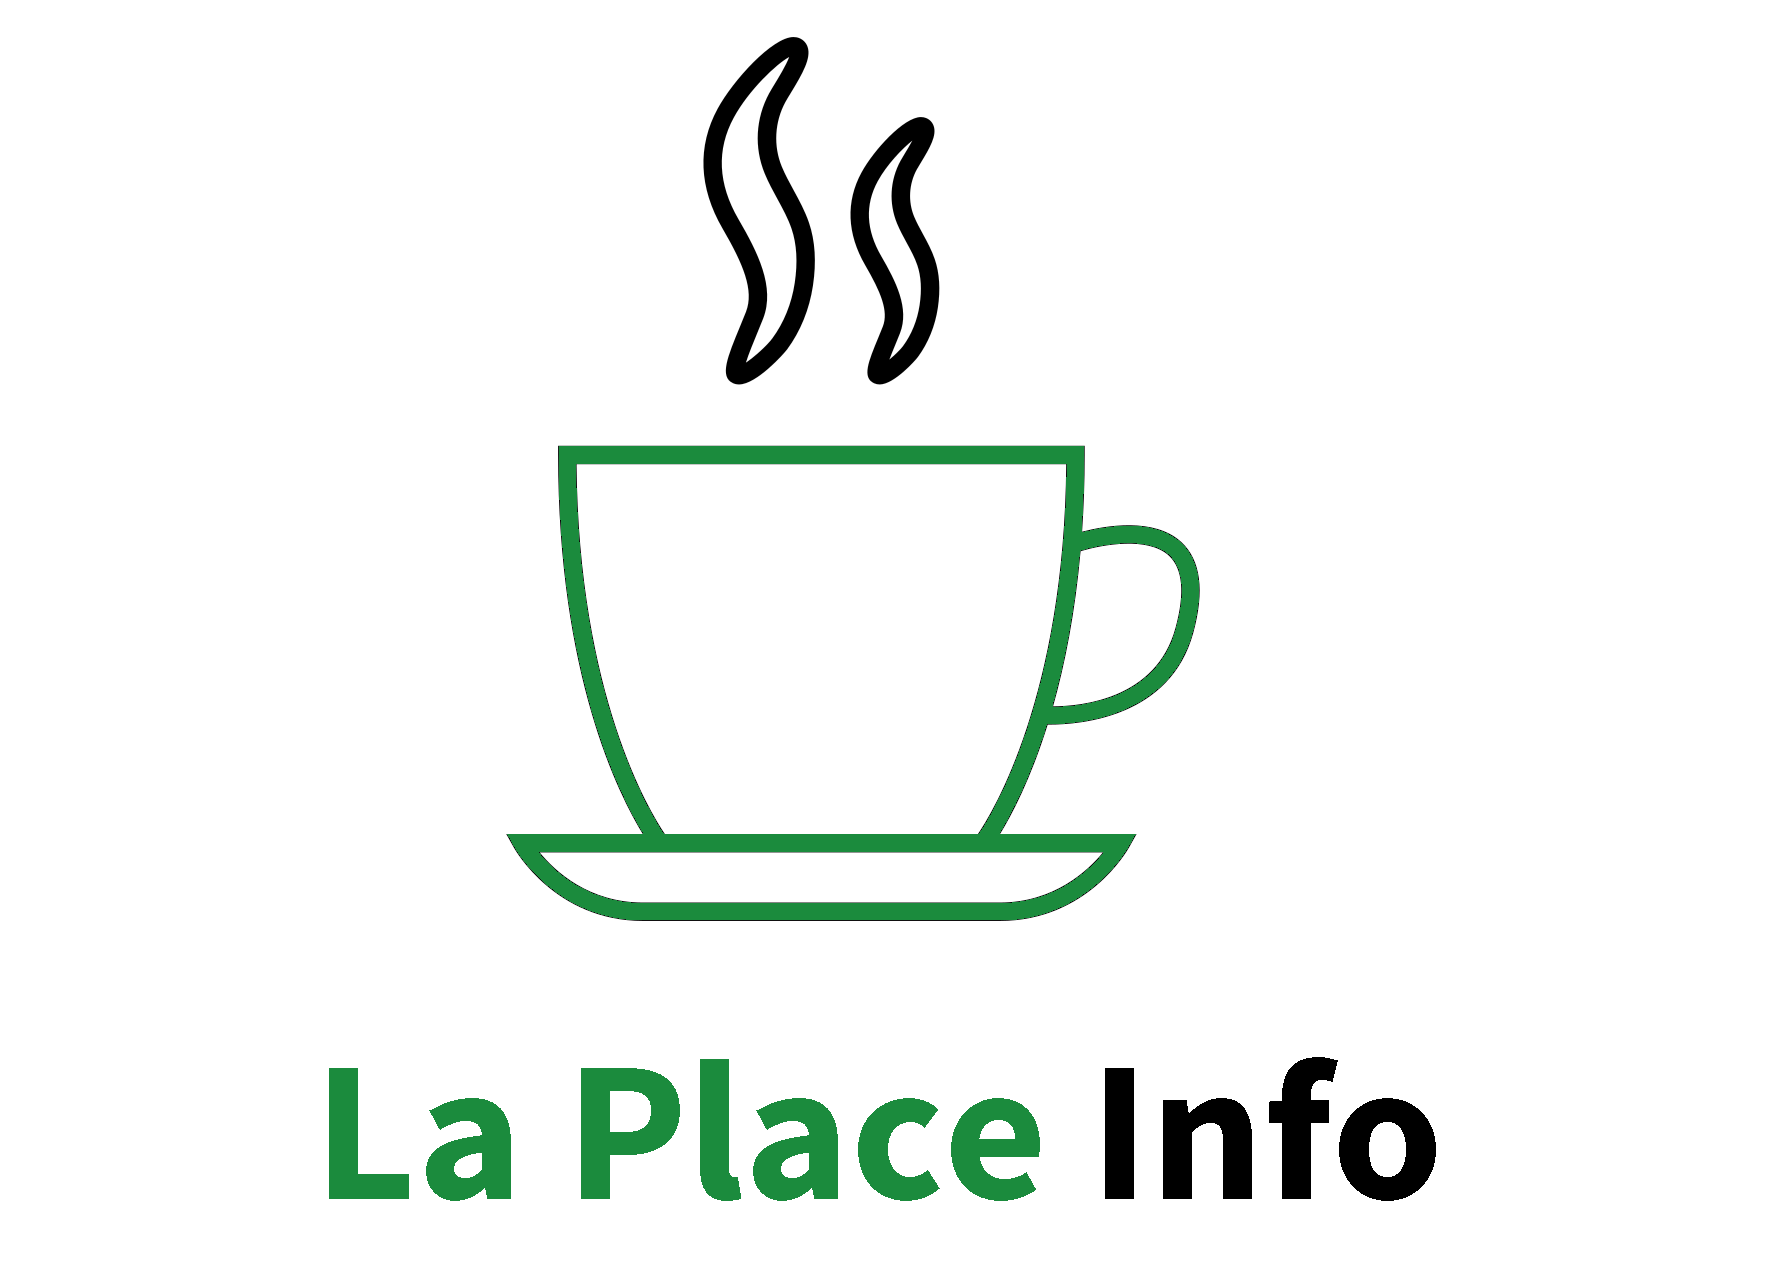 La Place Info